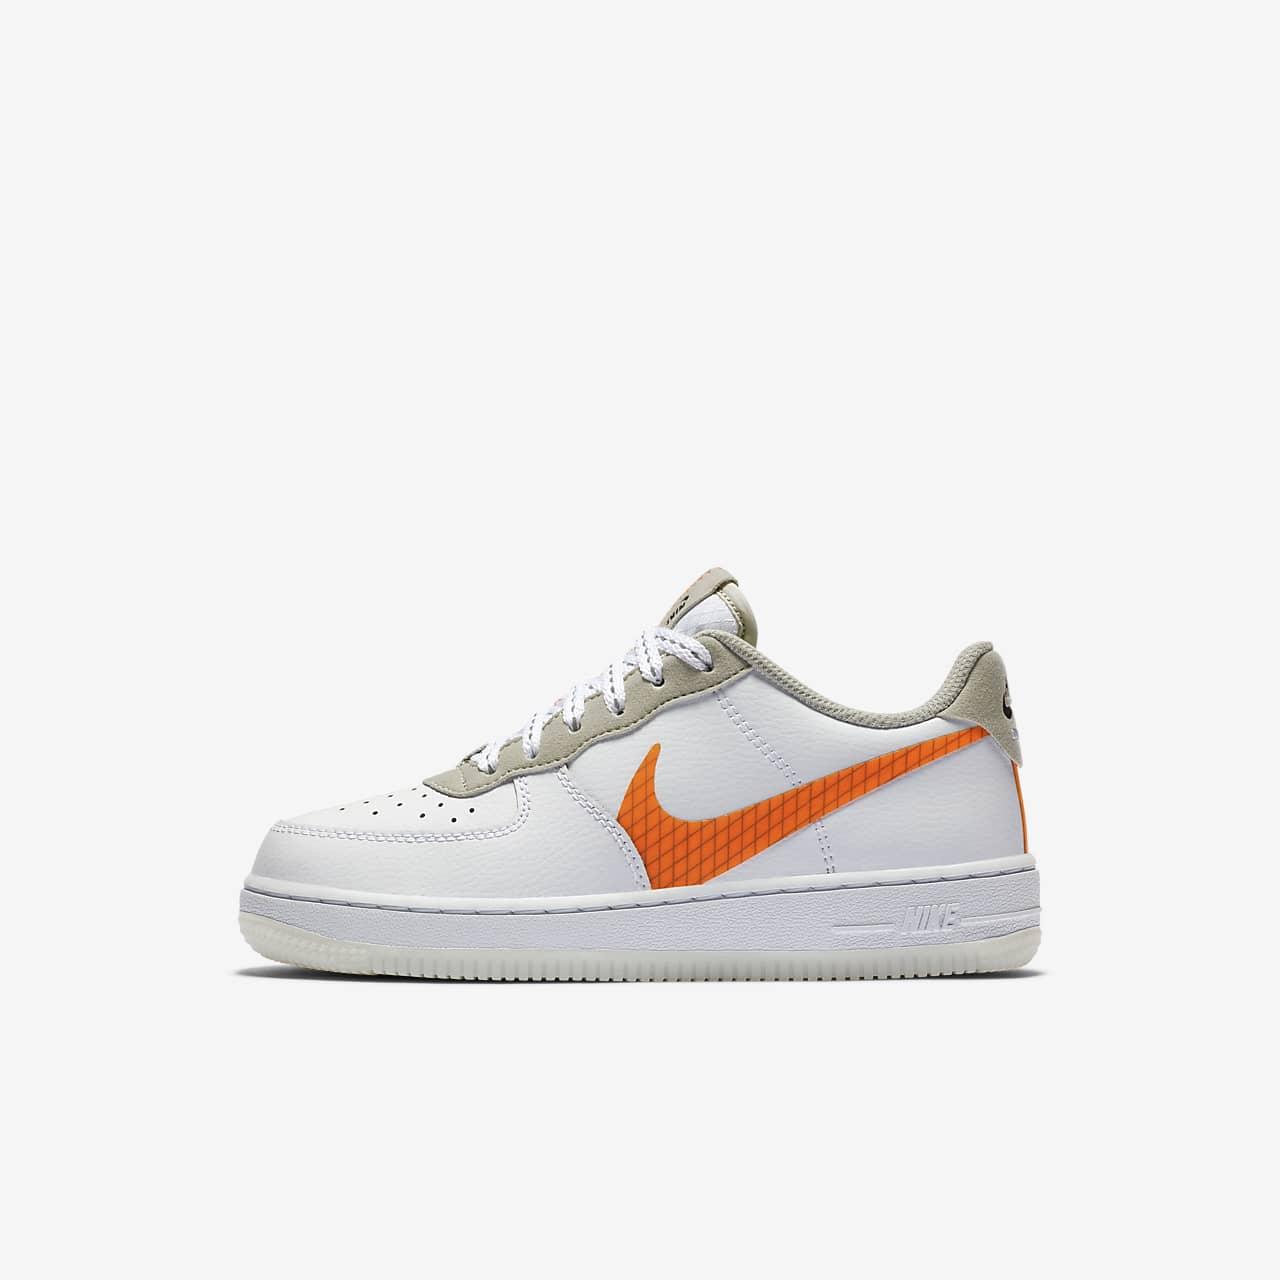 Παπούτσι Nike Force 1 LV8 3 για μικρά παιδιά